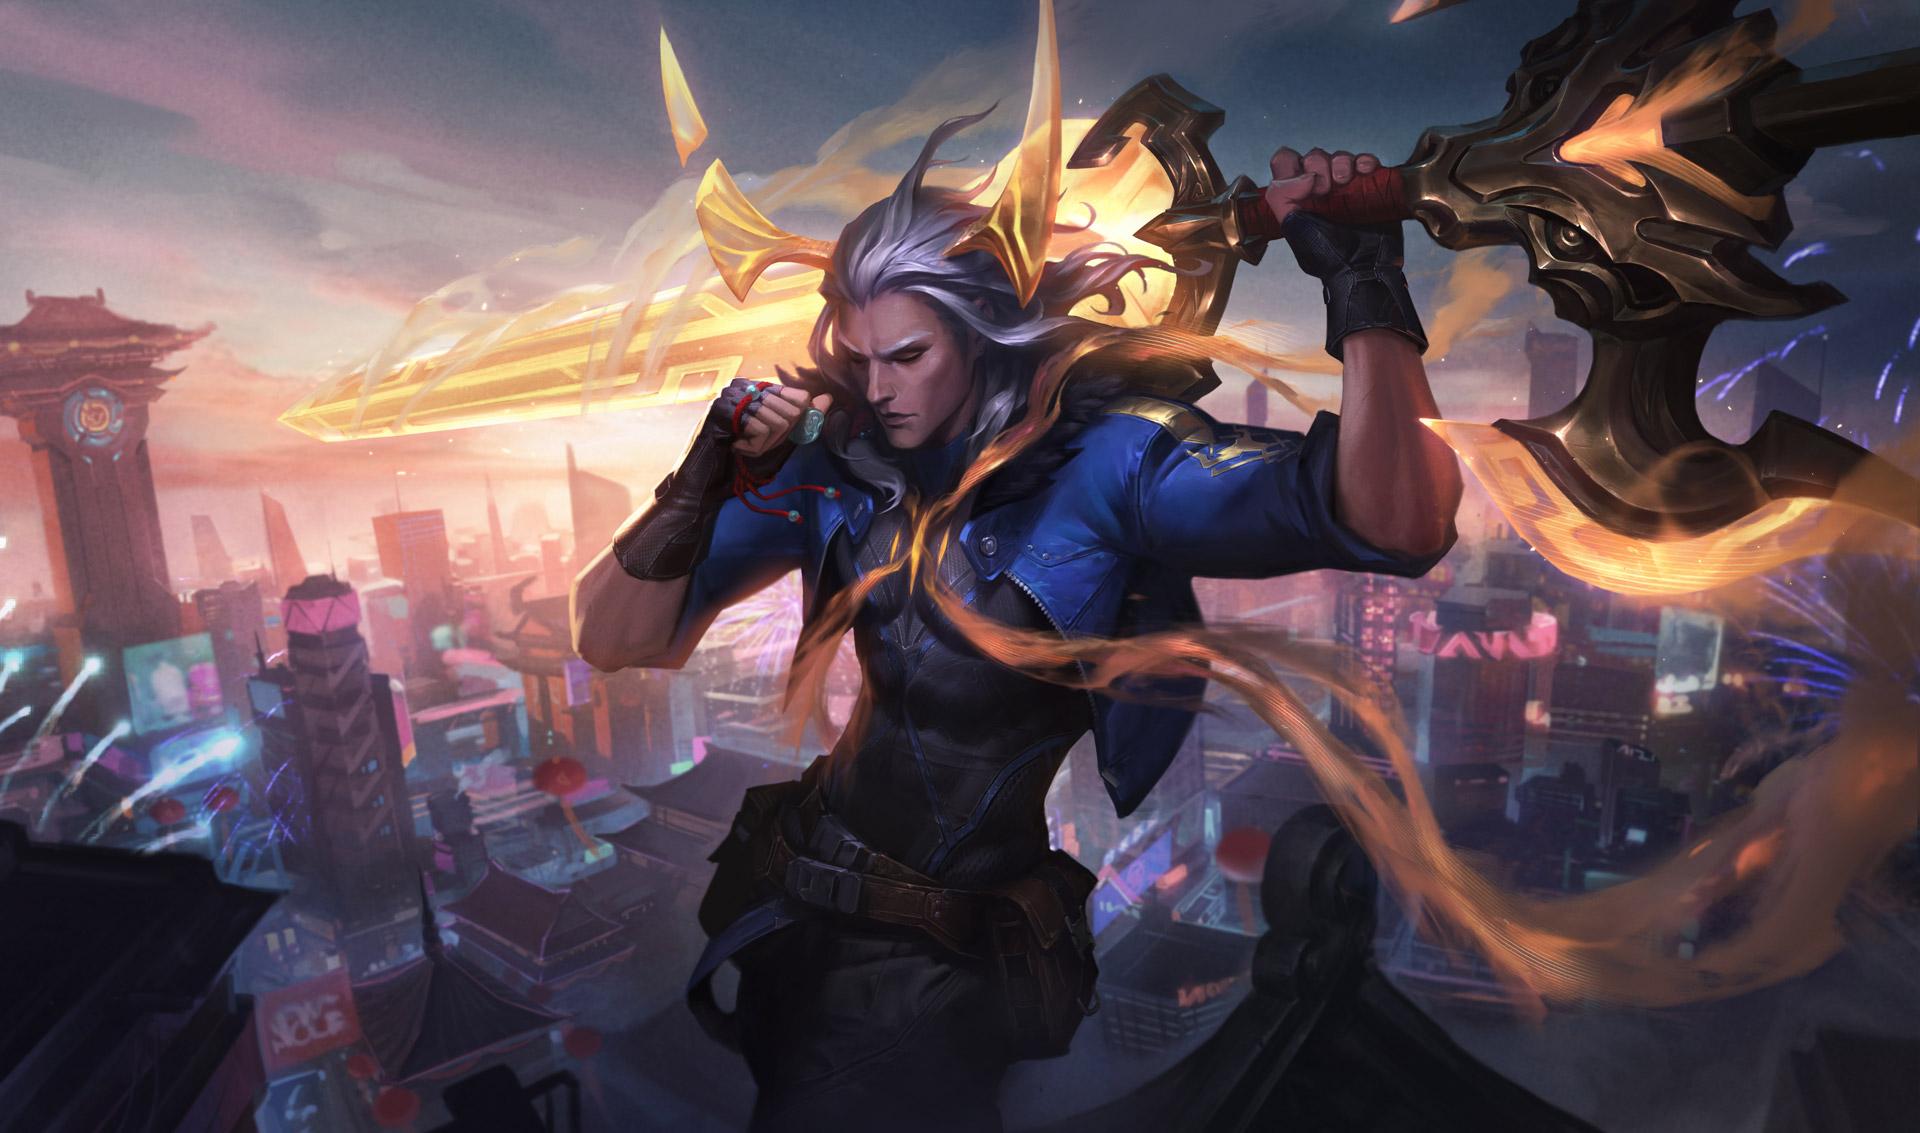 Виего и новые образы — для League of Legends вышел апдейт